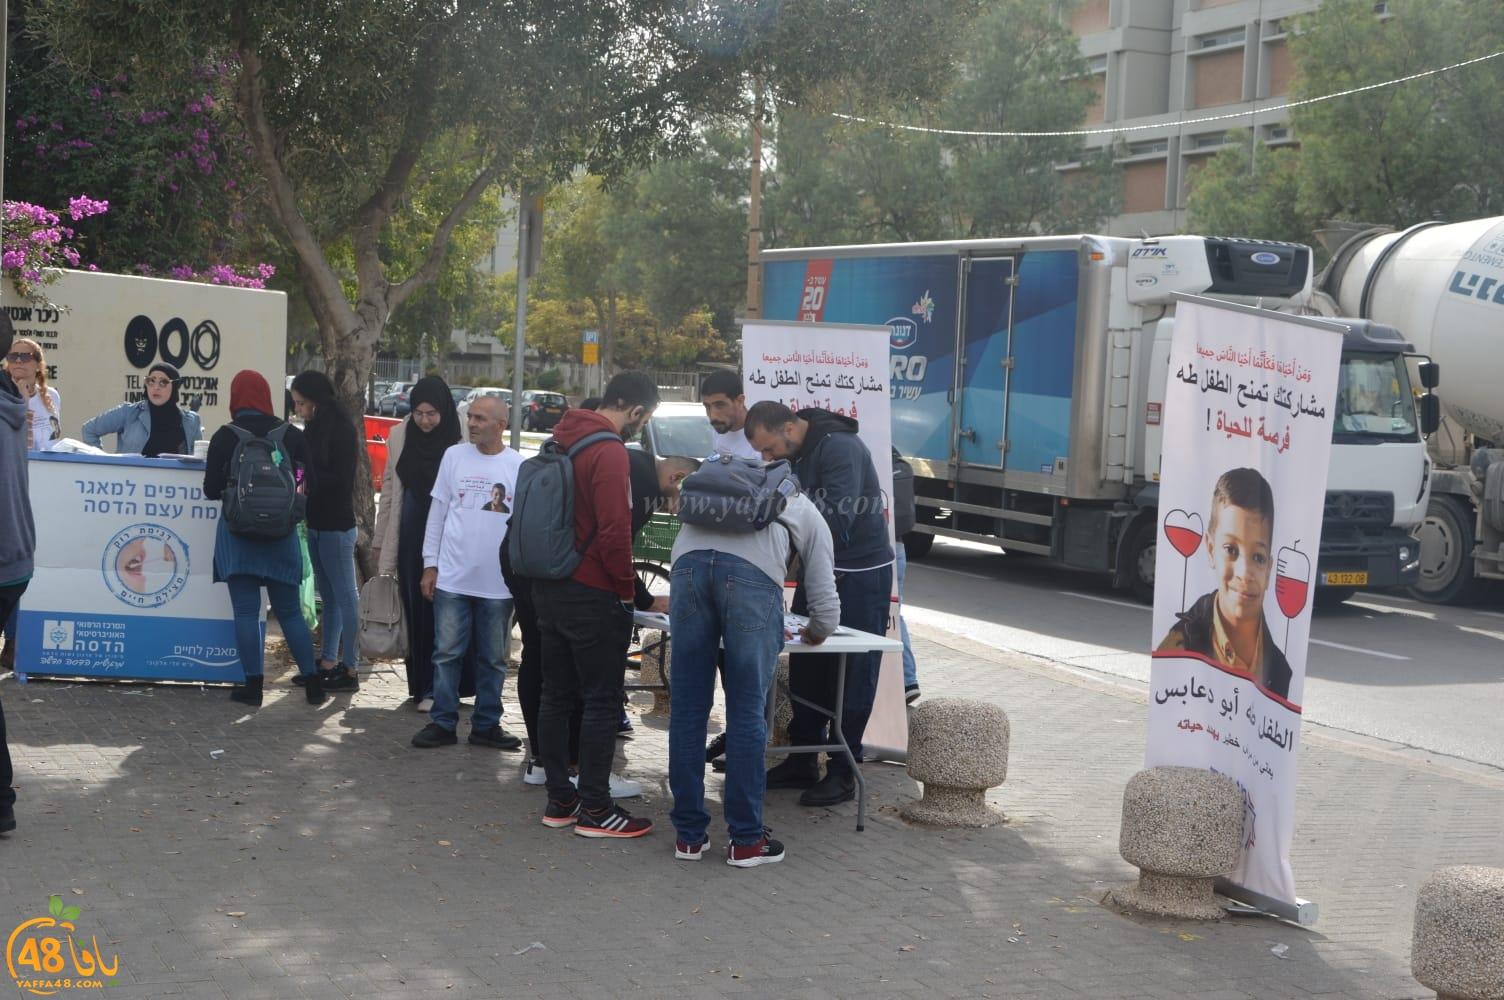 بعد نجاح الحملة في يافا - تجاوب كبير لانقاذ حياة الطفل طه ابو دعابس بجامعة تل ابيب